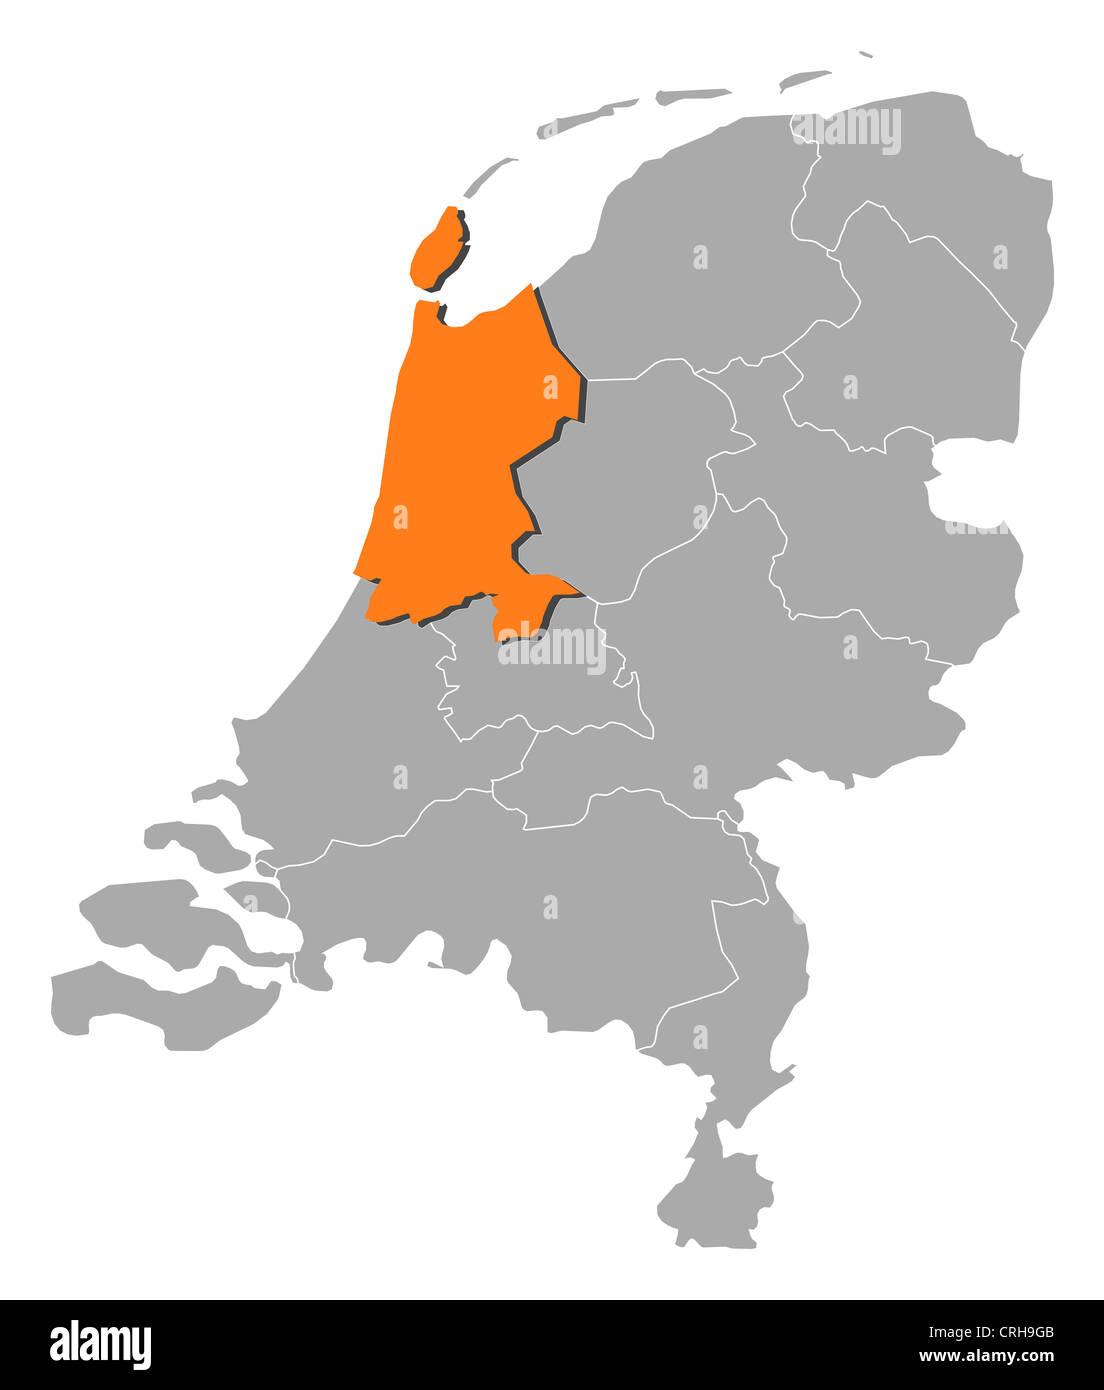 Niederlande Karte Umriss.Politische Karte Von Niederlande Mit Den Mehrere Staaten In Nord